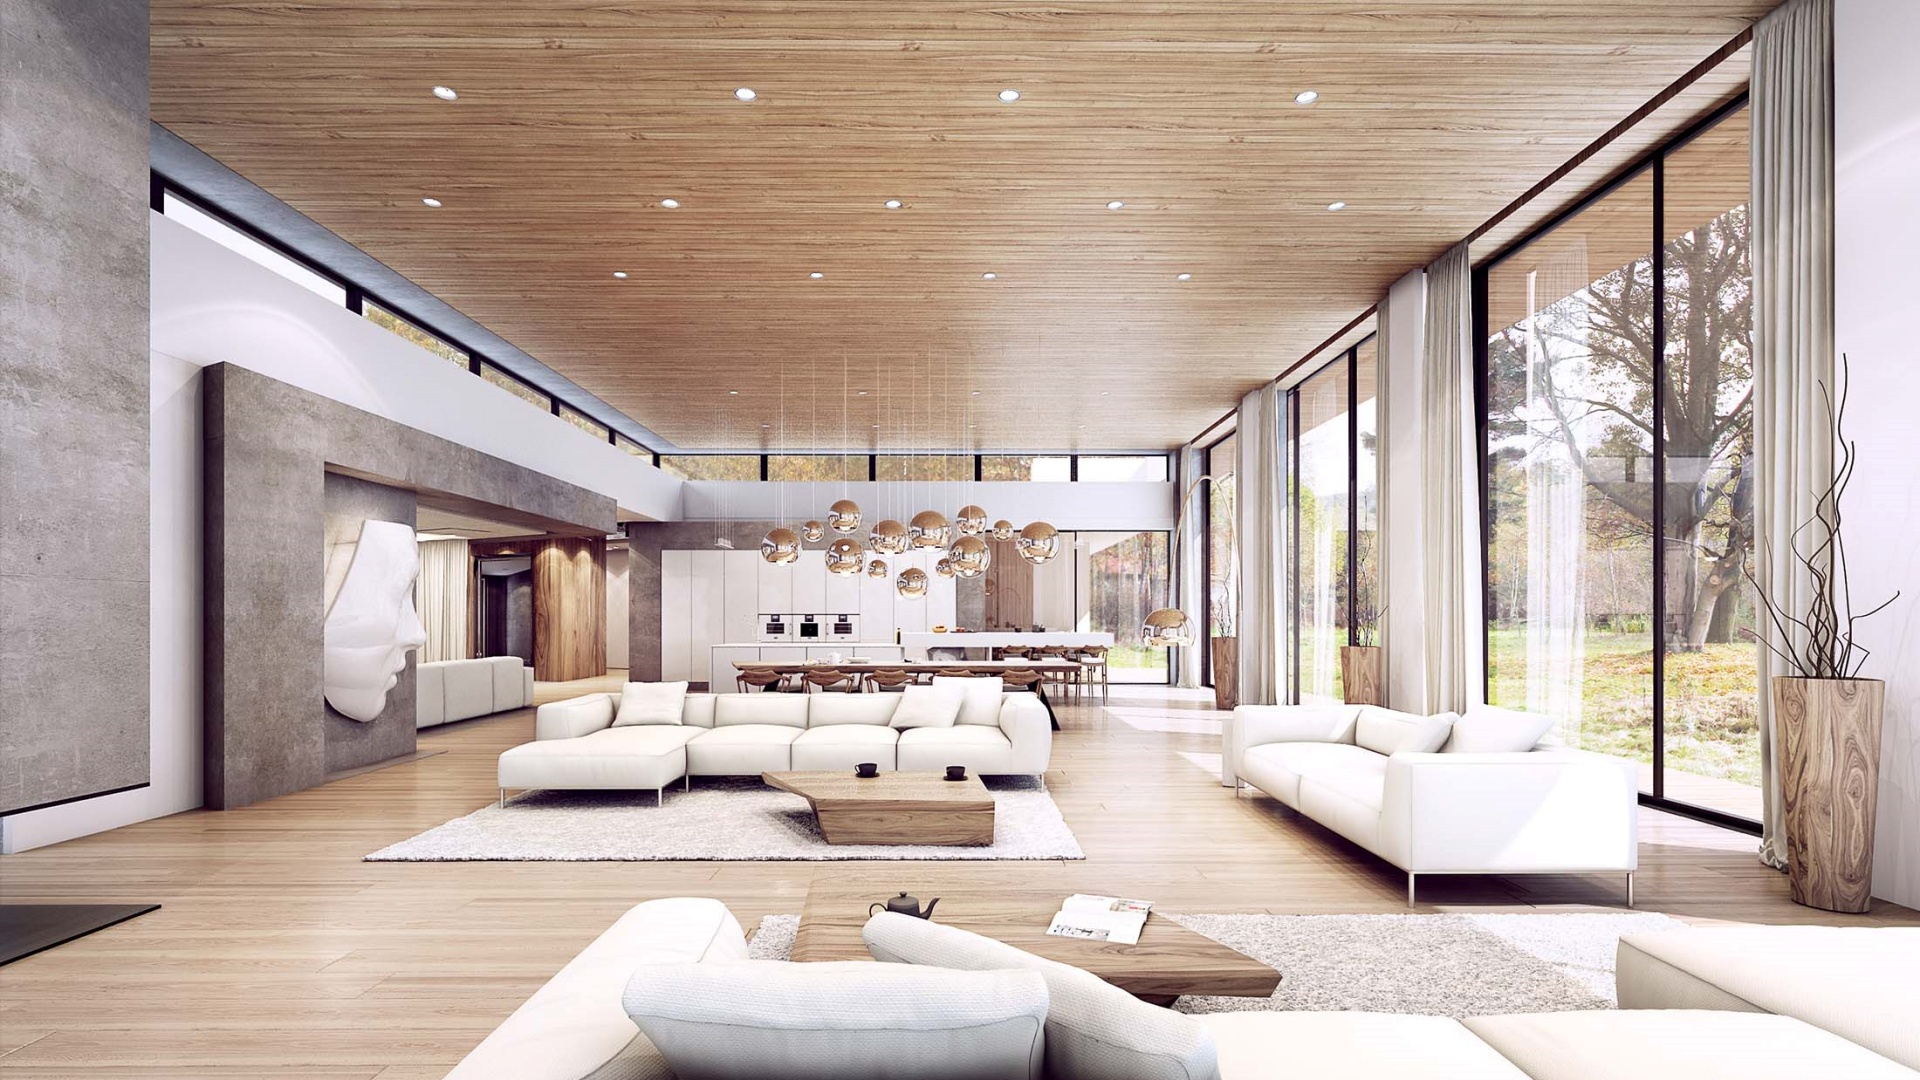 Projekt wnętrz RE: GREY HOUSE projektu architekta Marcina Tomaszewskiego REFORM Architekt